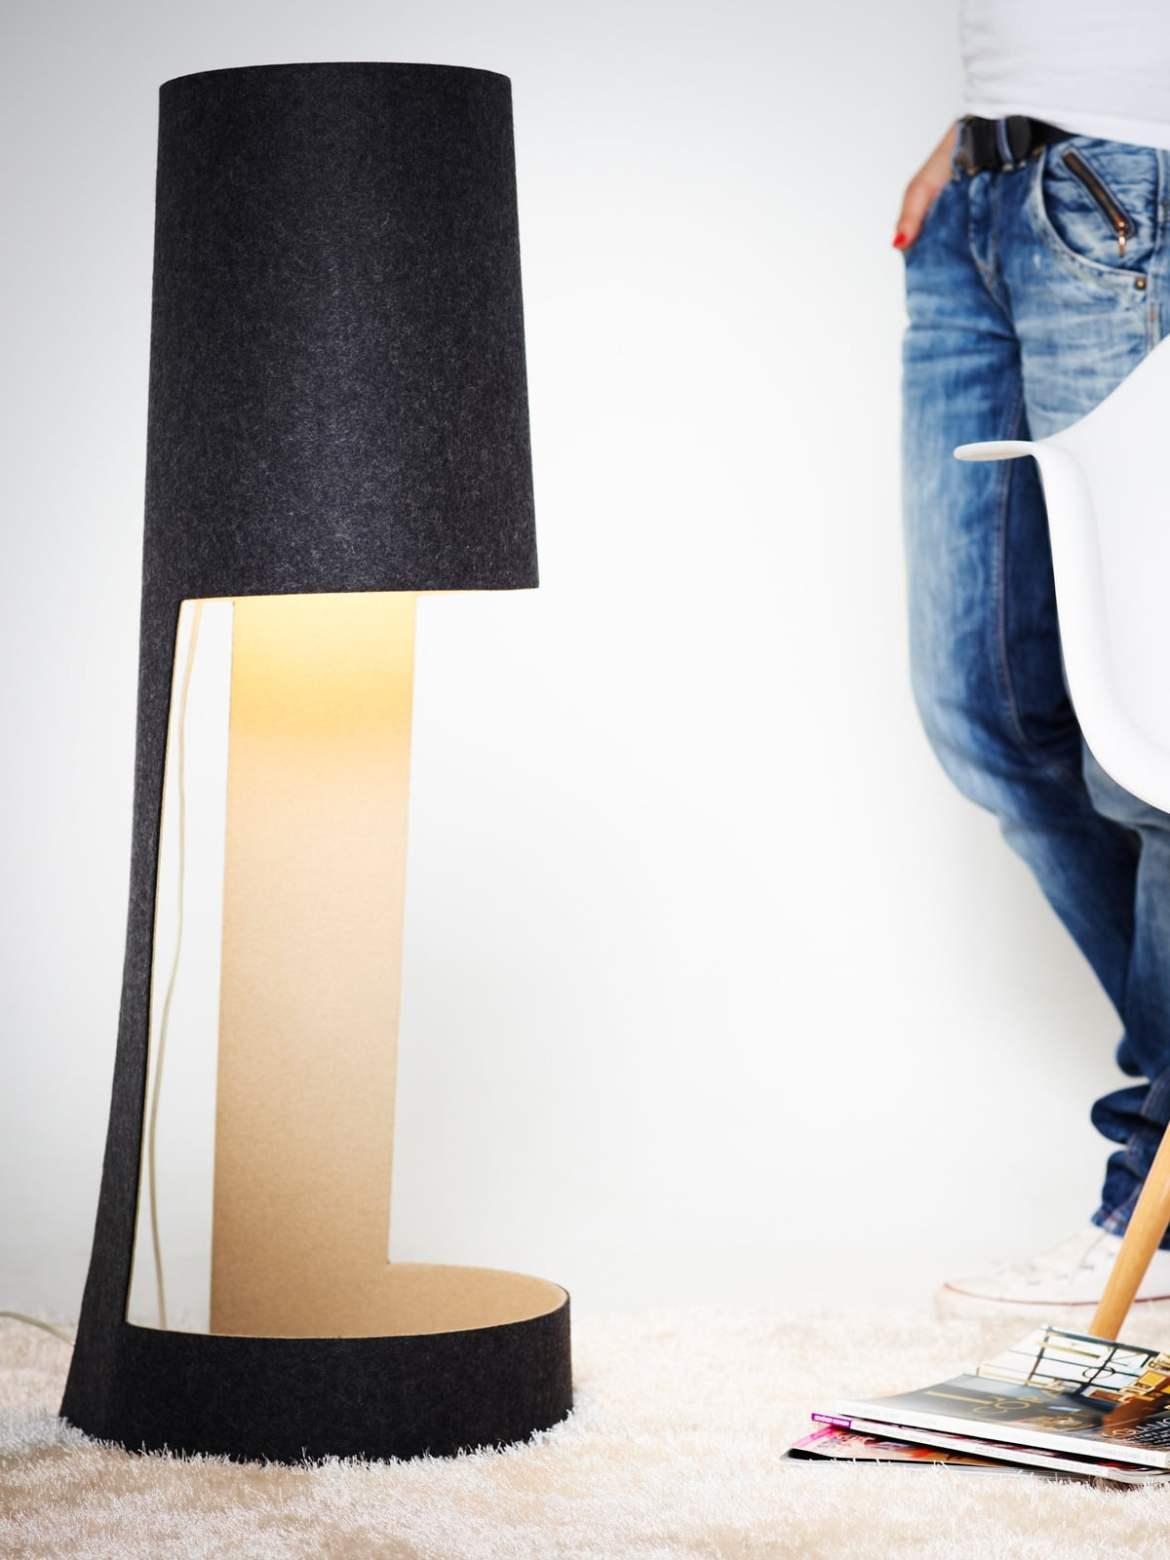 DesignOrt Blog: Trend: Bodenleuchten Mia XL von Domus